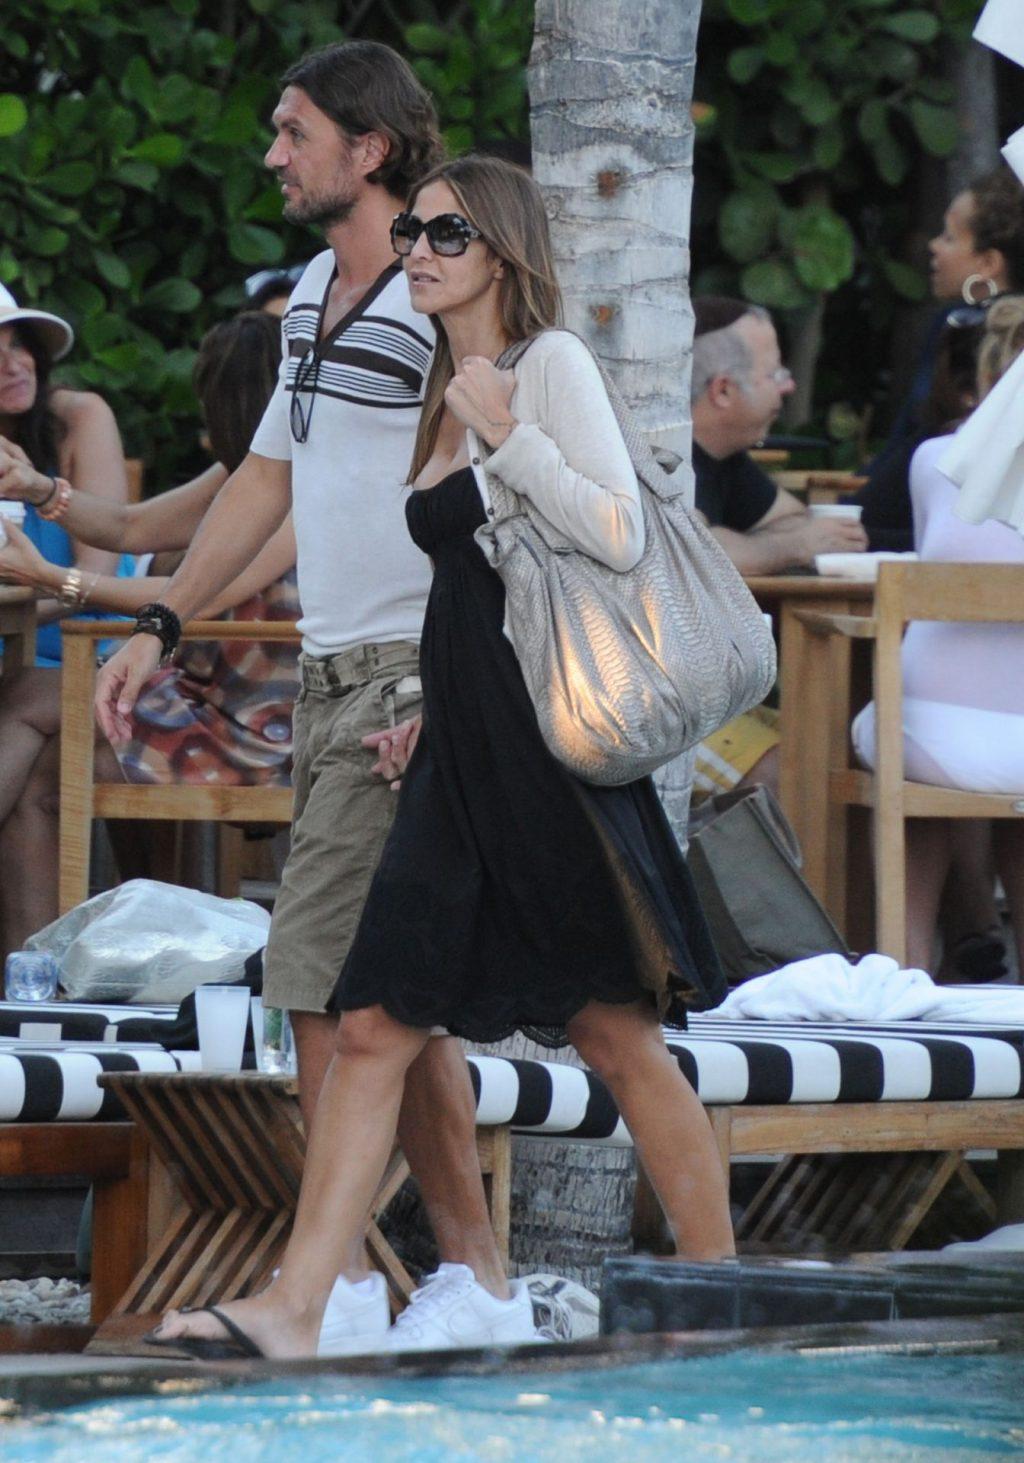 Paolo Maldini & Adriana Fossa Was Spotted in Miami (16 Photos)